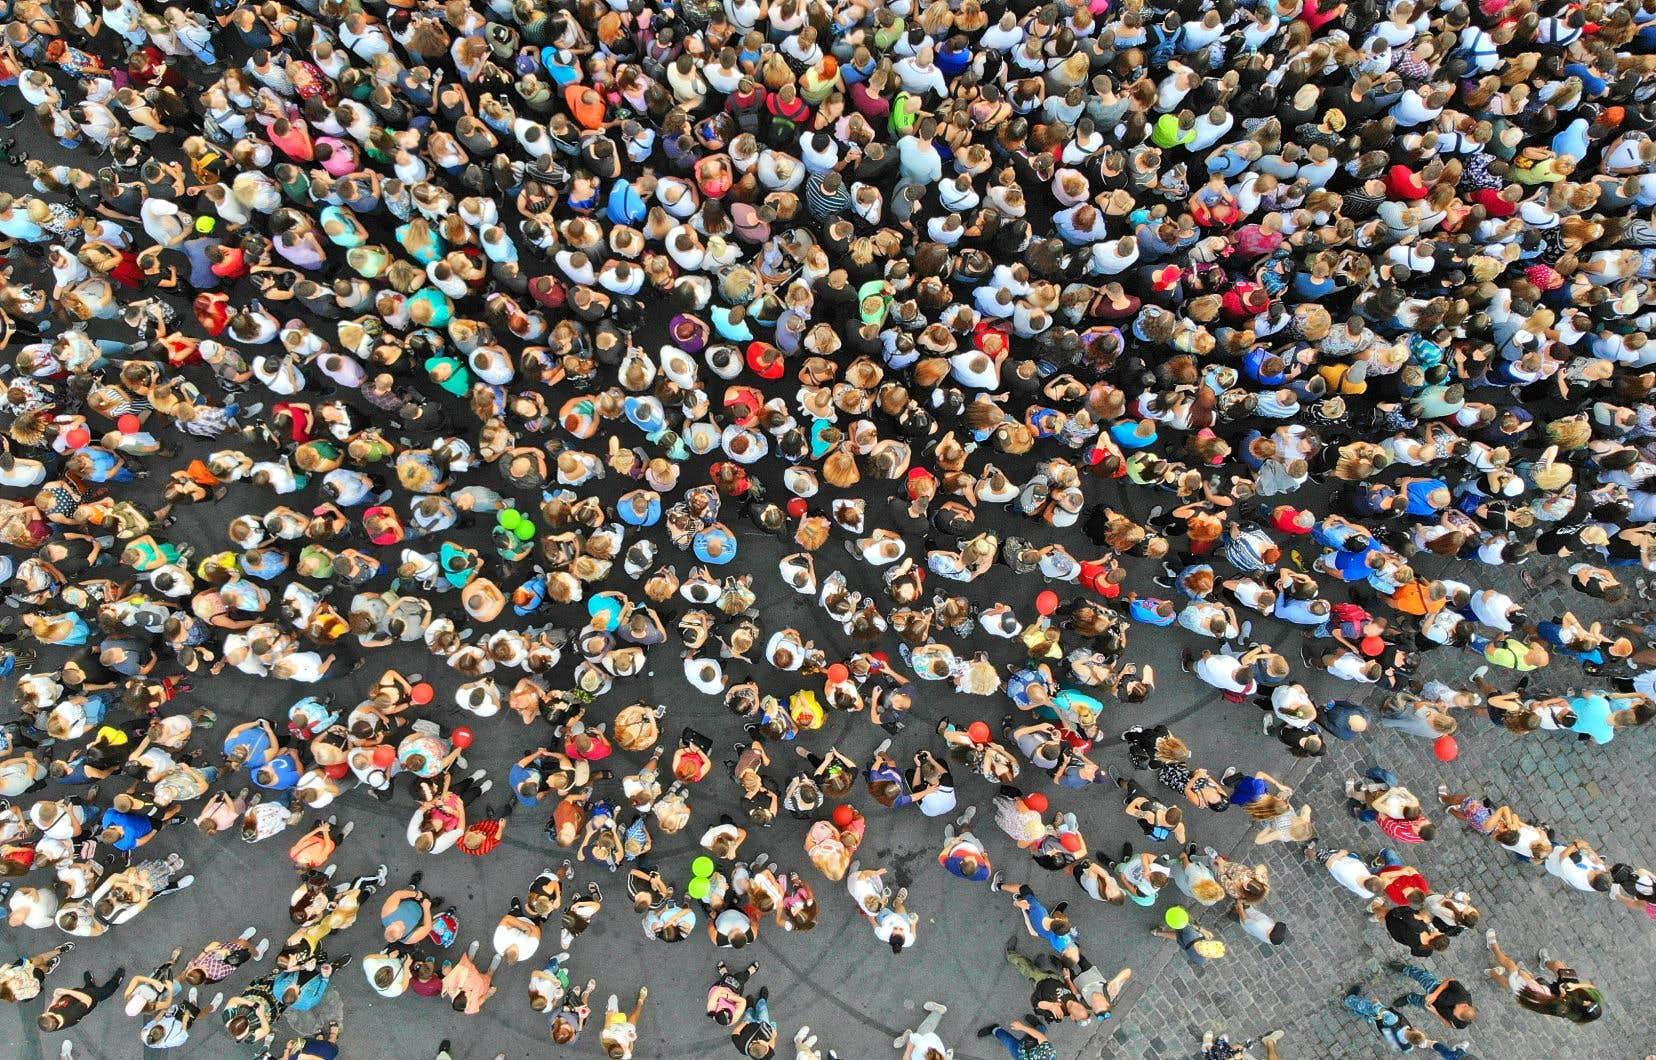 Une étude de «The Lancet» prévoit que la population reviendra à 8,8 milliards à la fin du siècle.